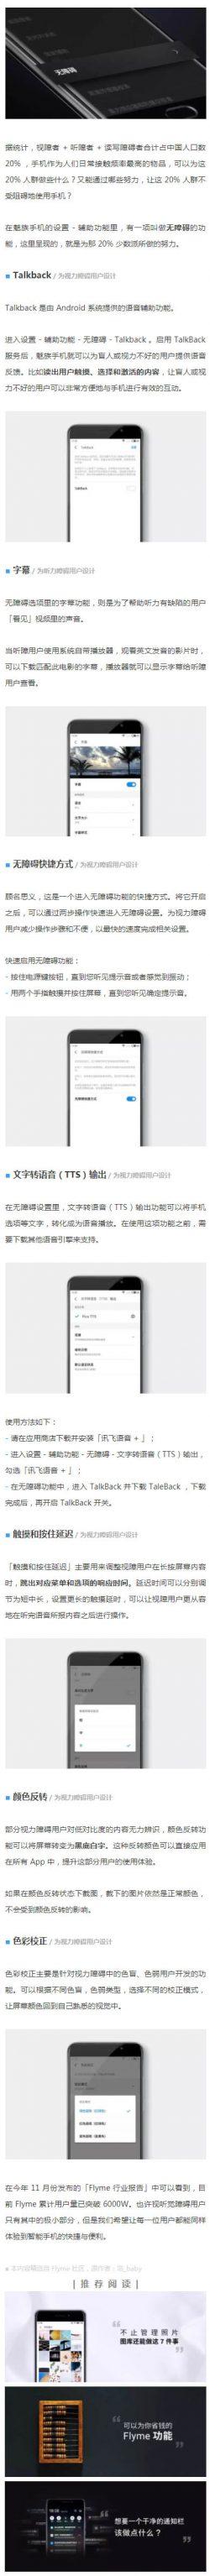 魅族手机科技功能介绍